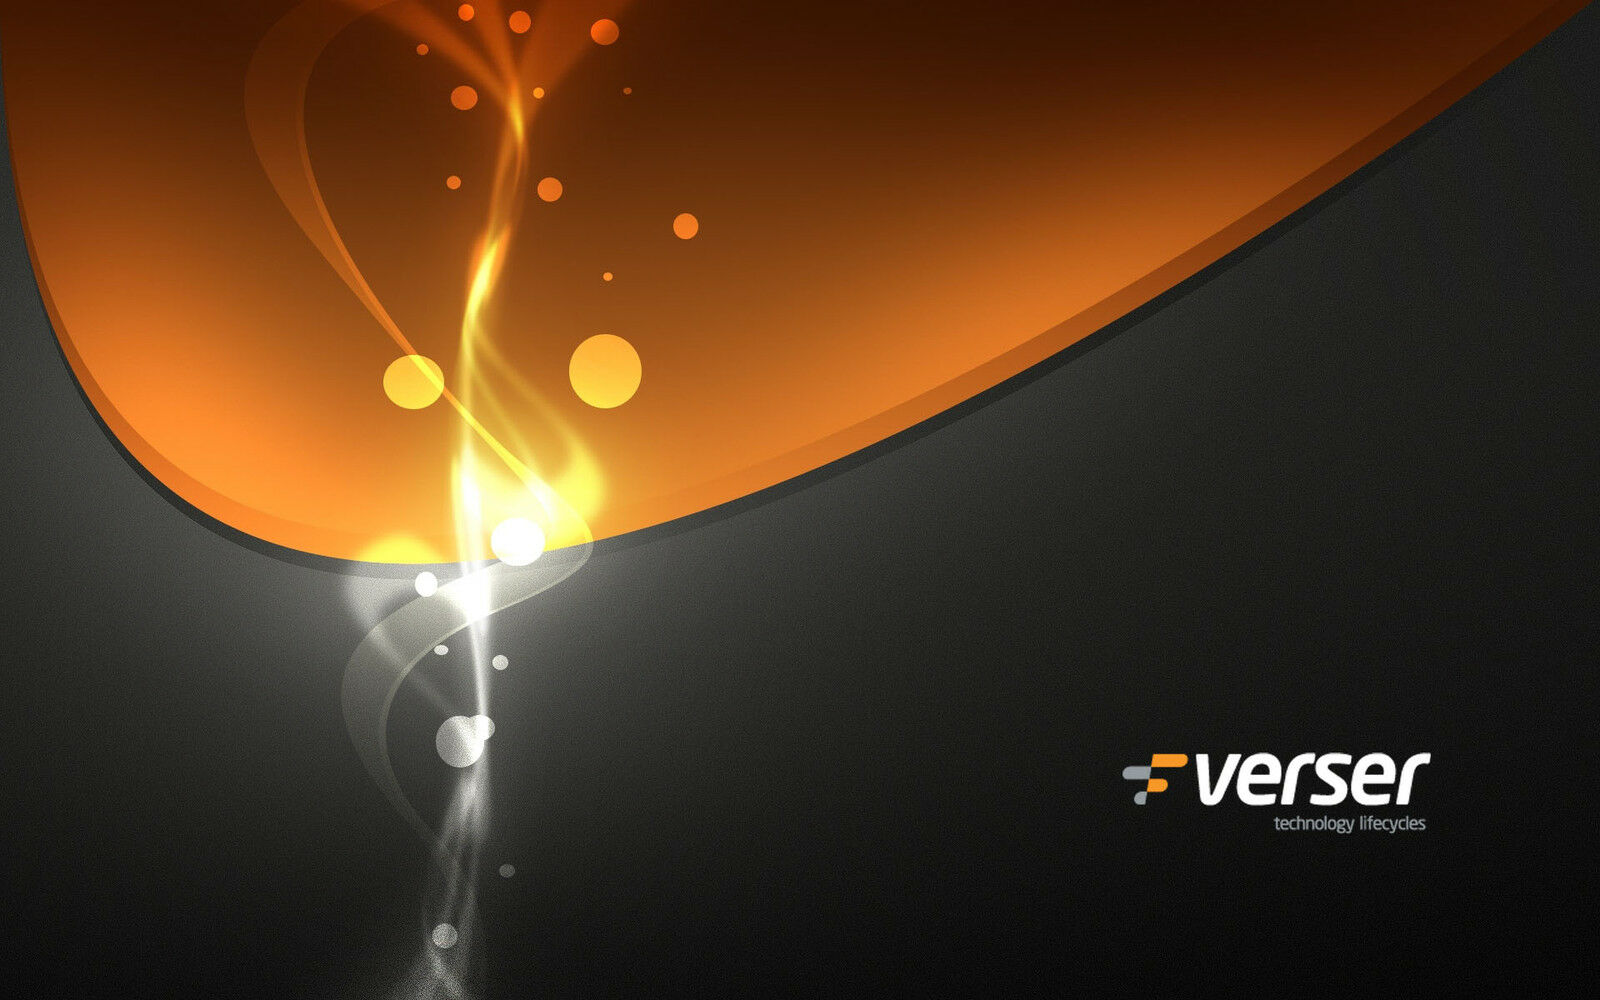 Verser Technology